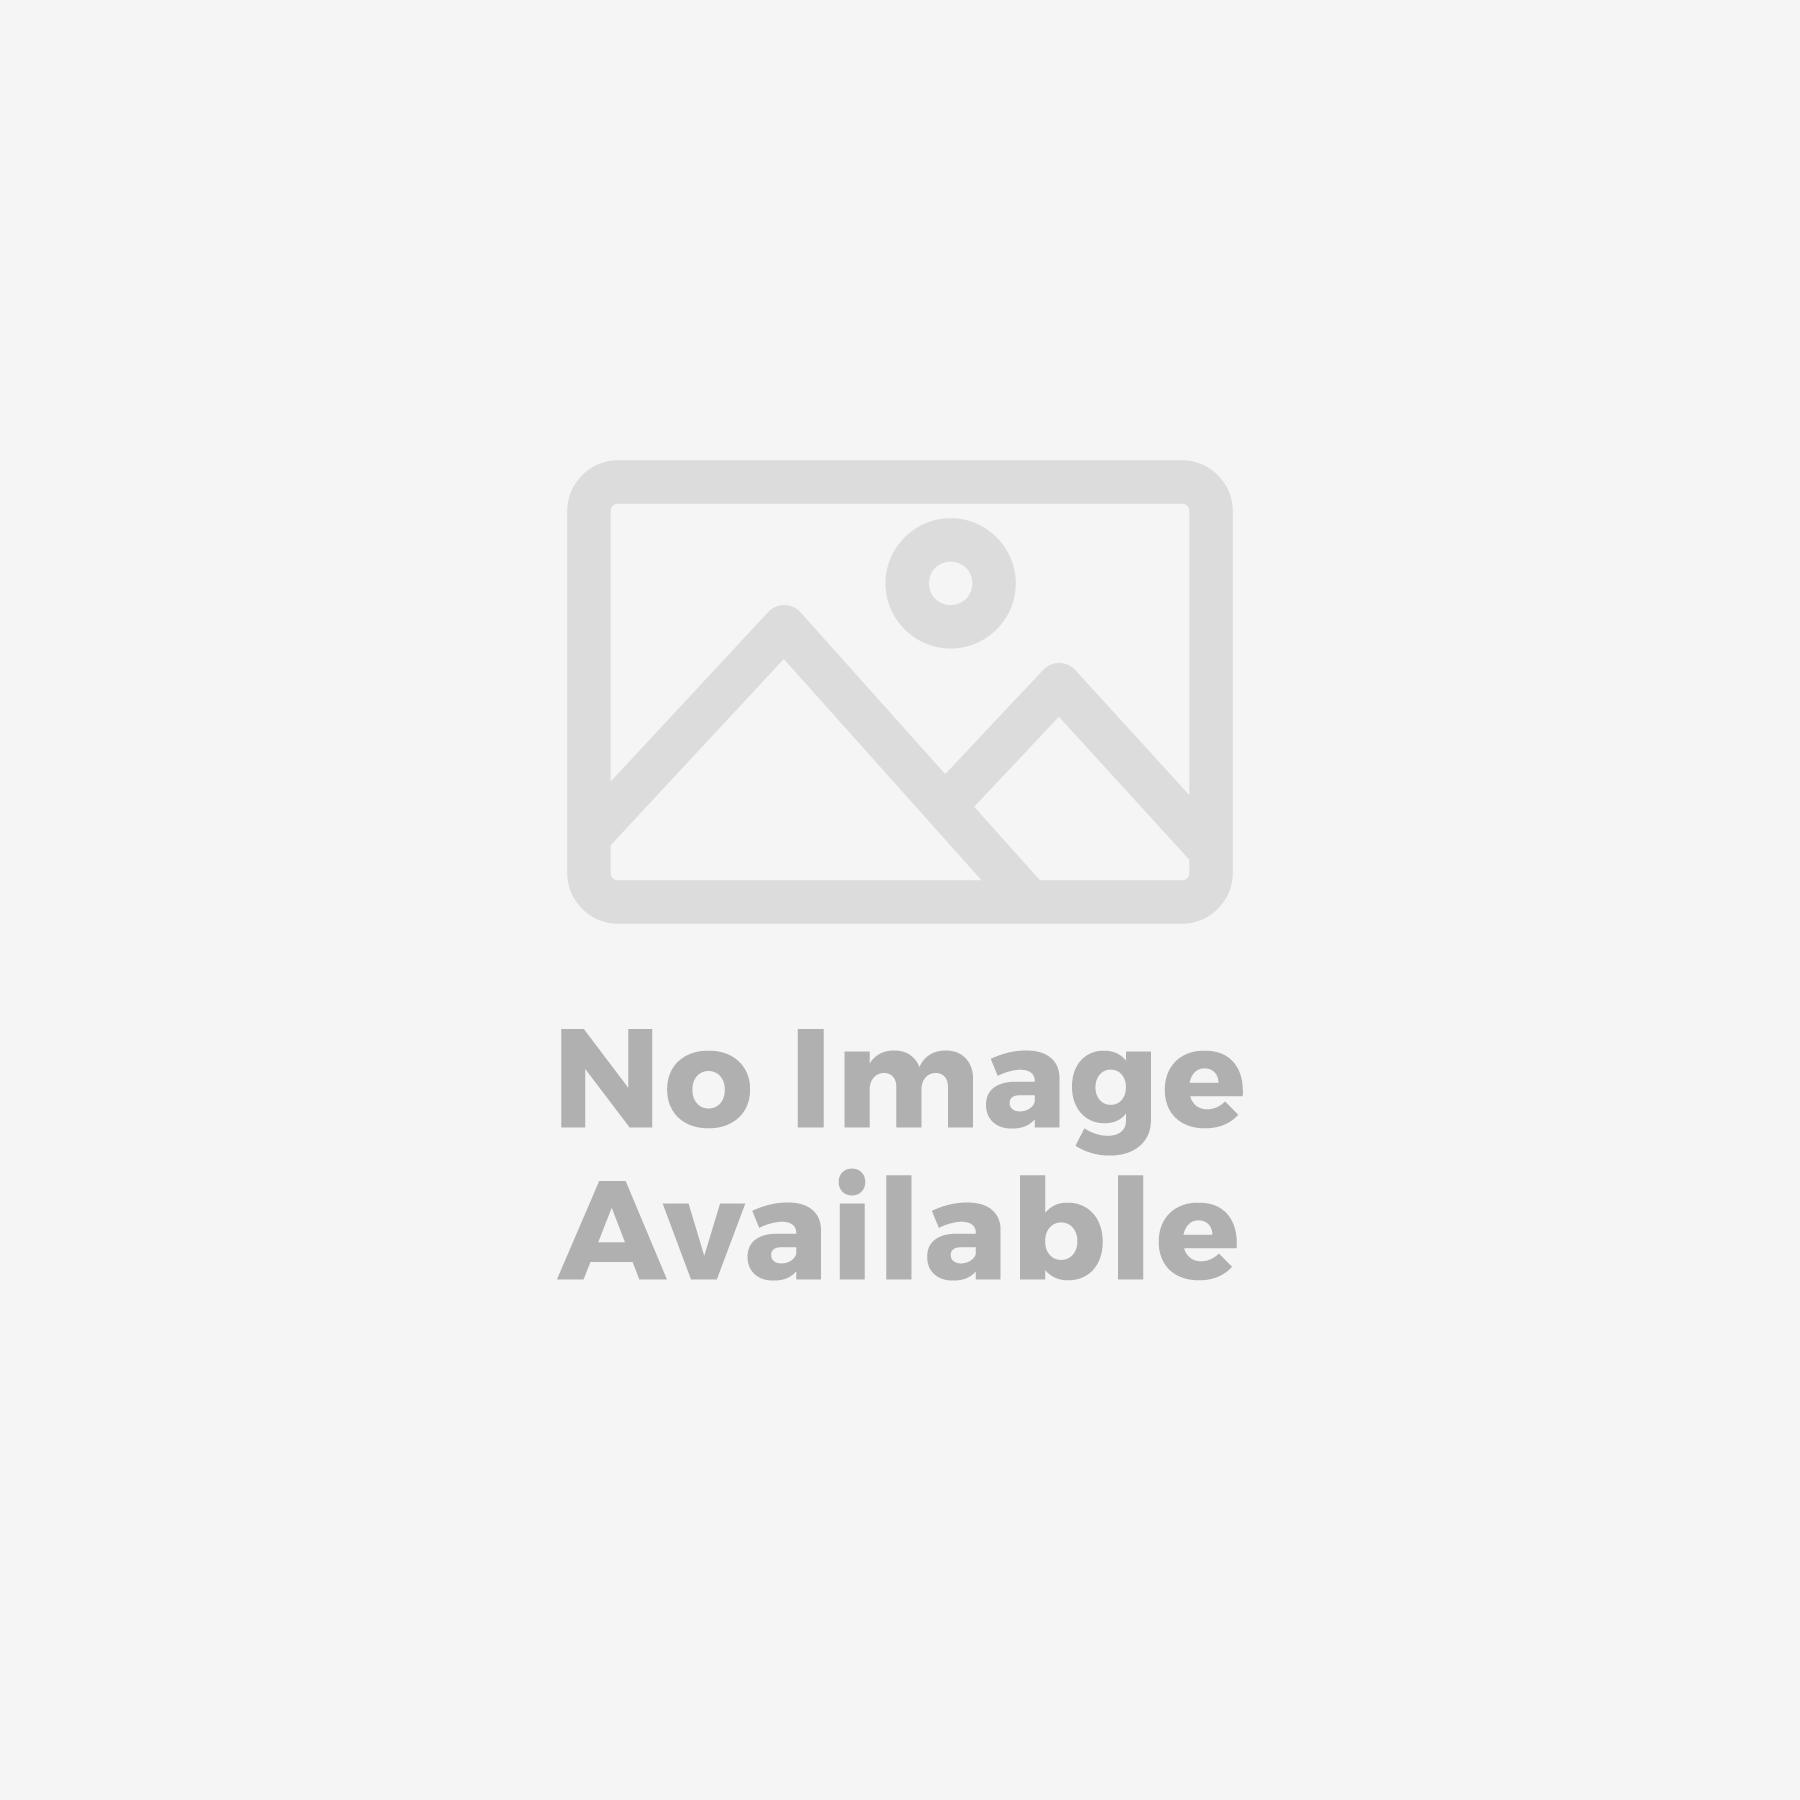 KELOPAK LARGE HANGING LAMP